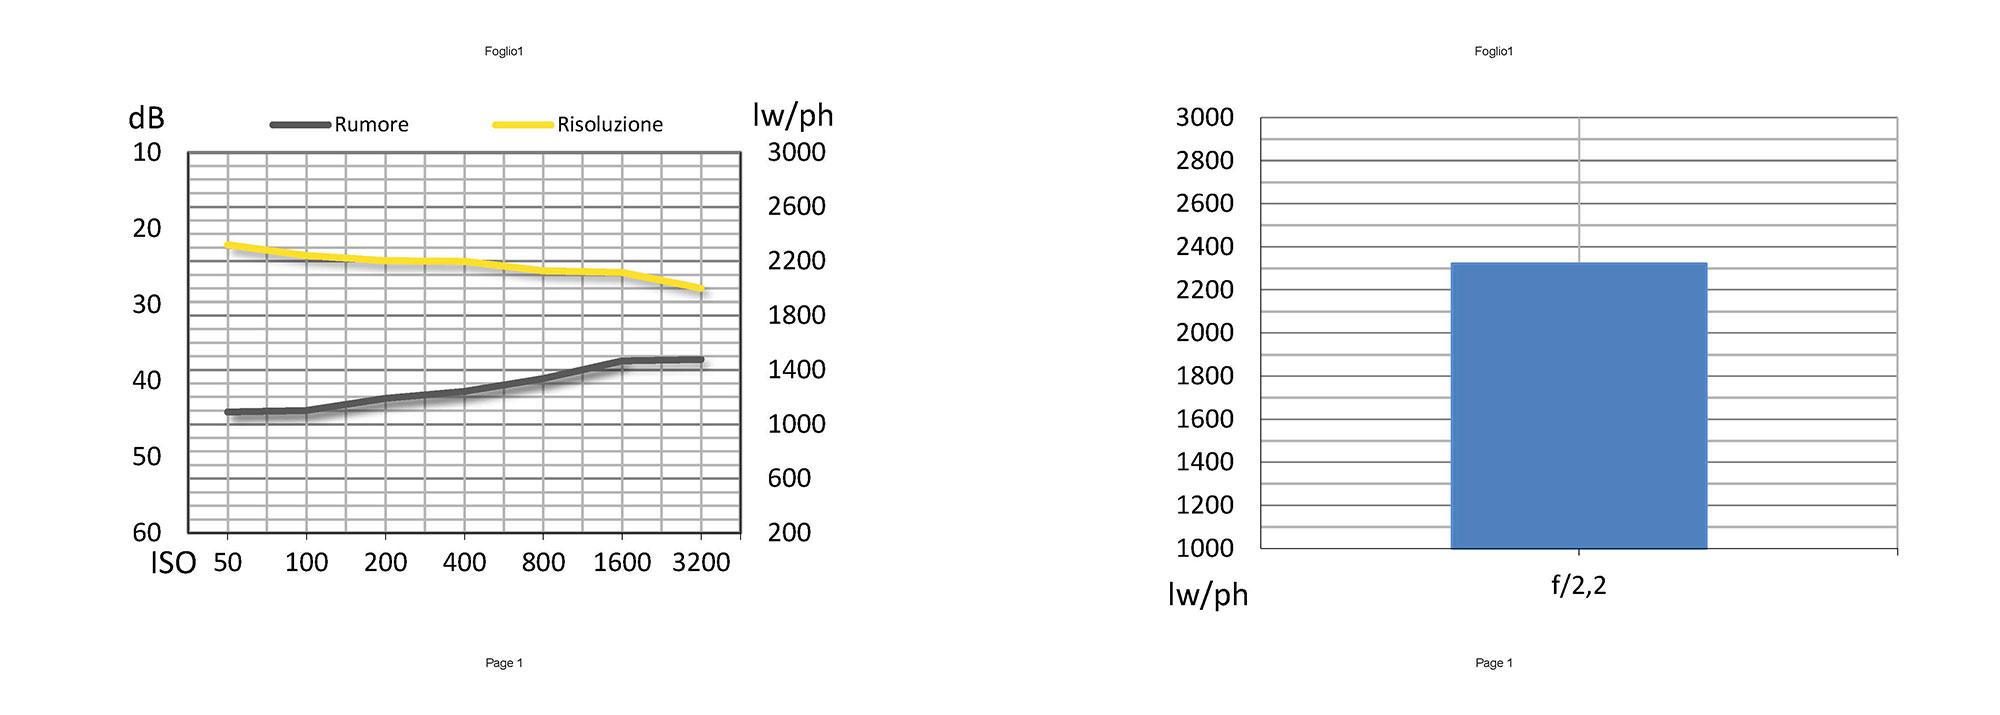 Risoluzione e rumore di entrambi i sensori